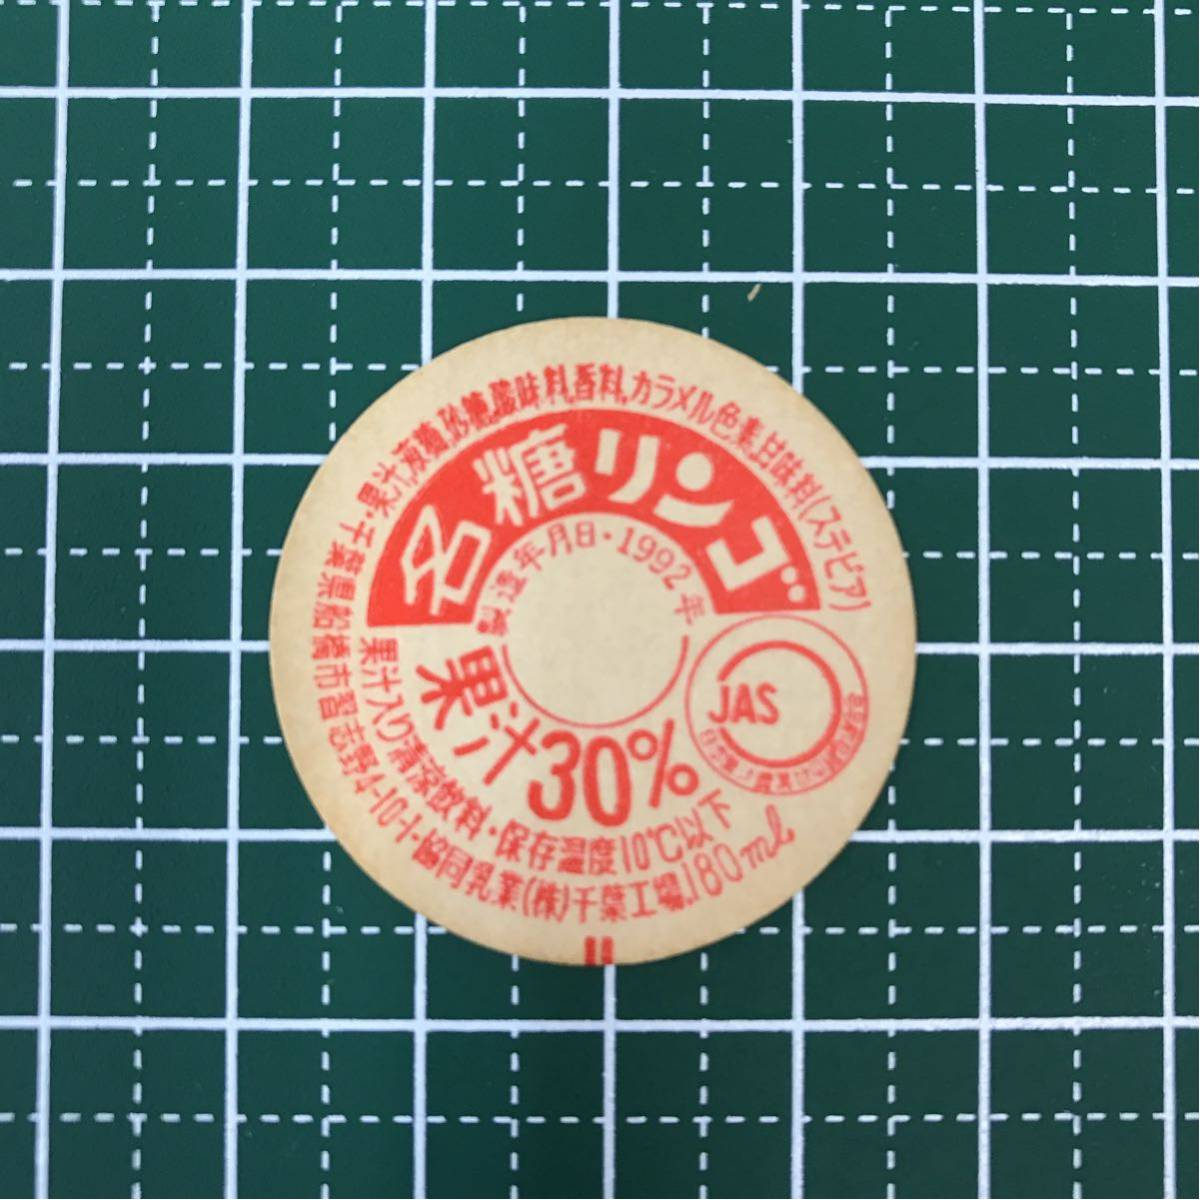 牛乳キャップ 最終出品 千葉県 名糖リンゴ アンティーク レア